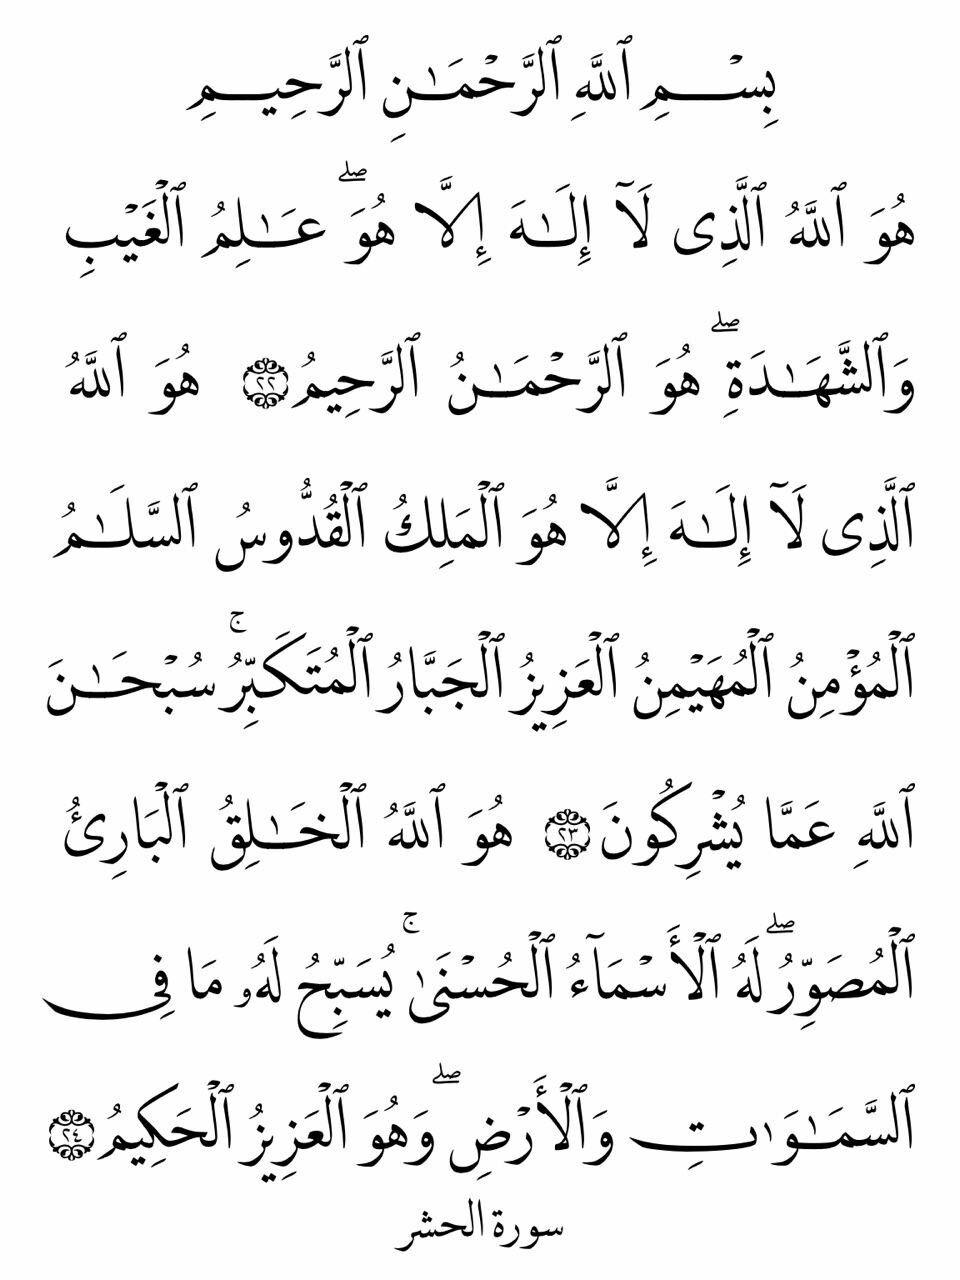 هو الله الذي لا إله إلا هو عالم الغيب والشهادة هو الرحمن الرحيم سورة الحشر Quran Quotes Love Quran Verses Learn Quran